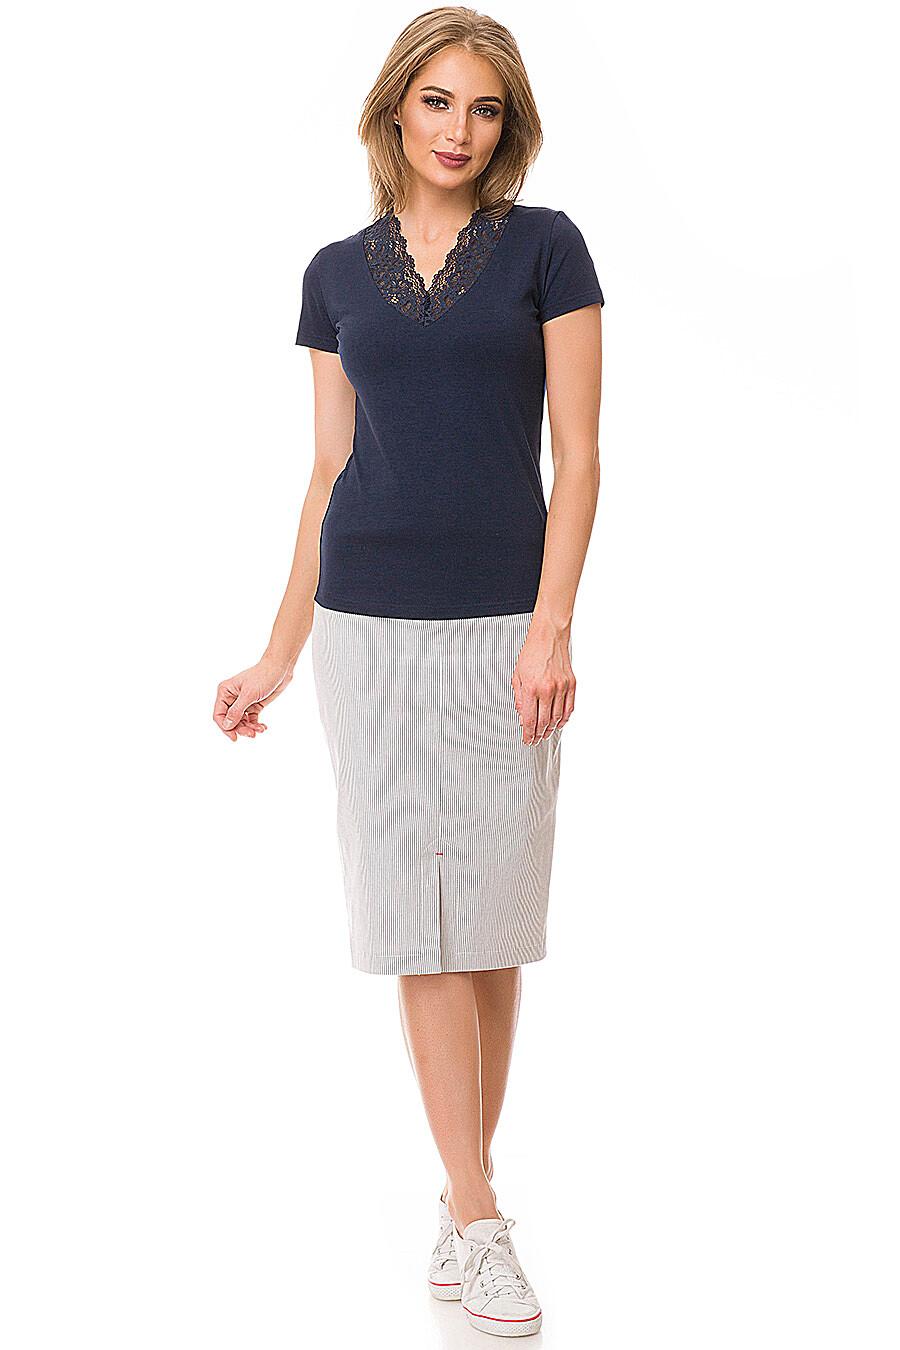 Блузка FOUR STYLES (119744), купить в Moyo.moda